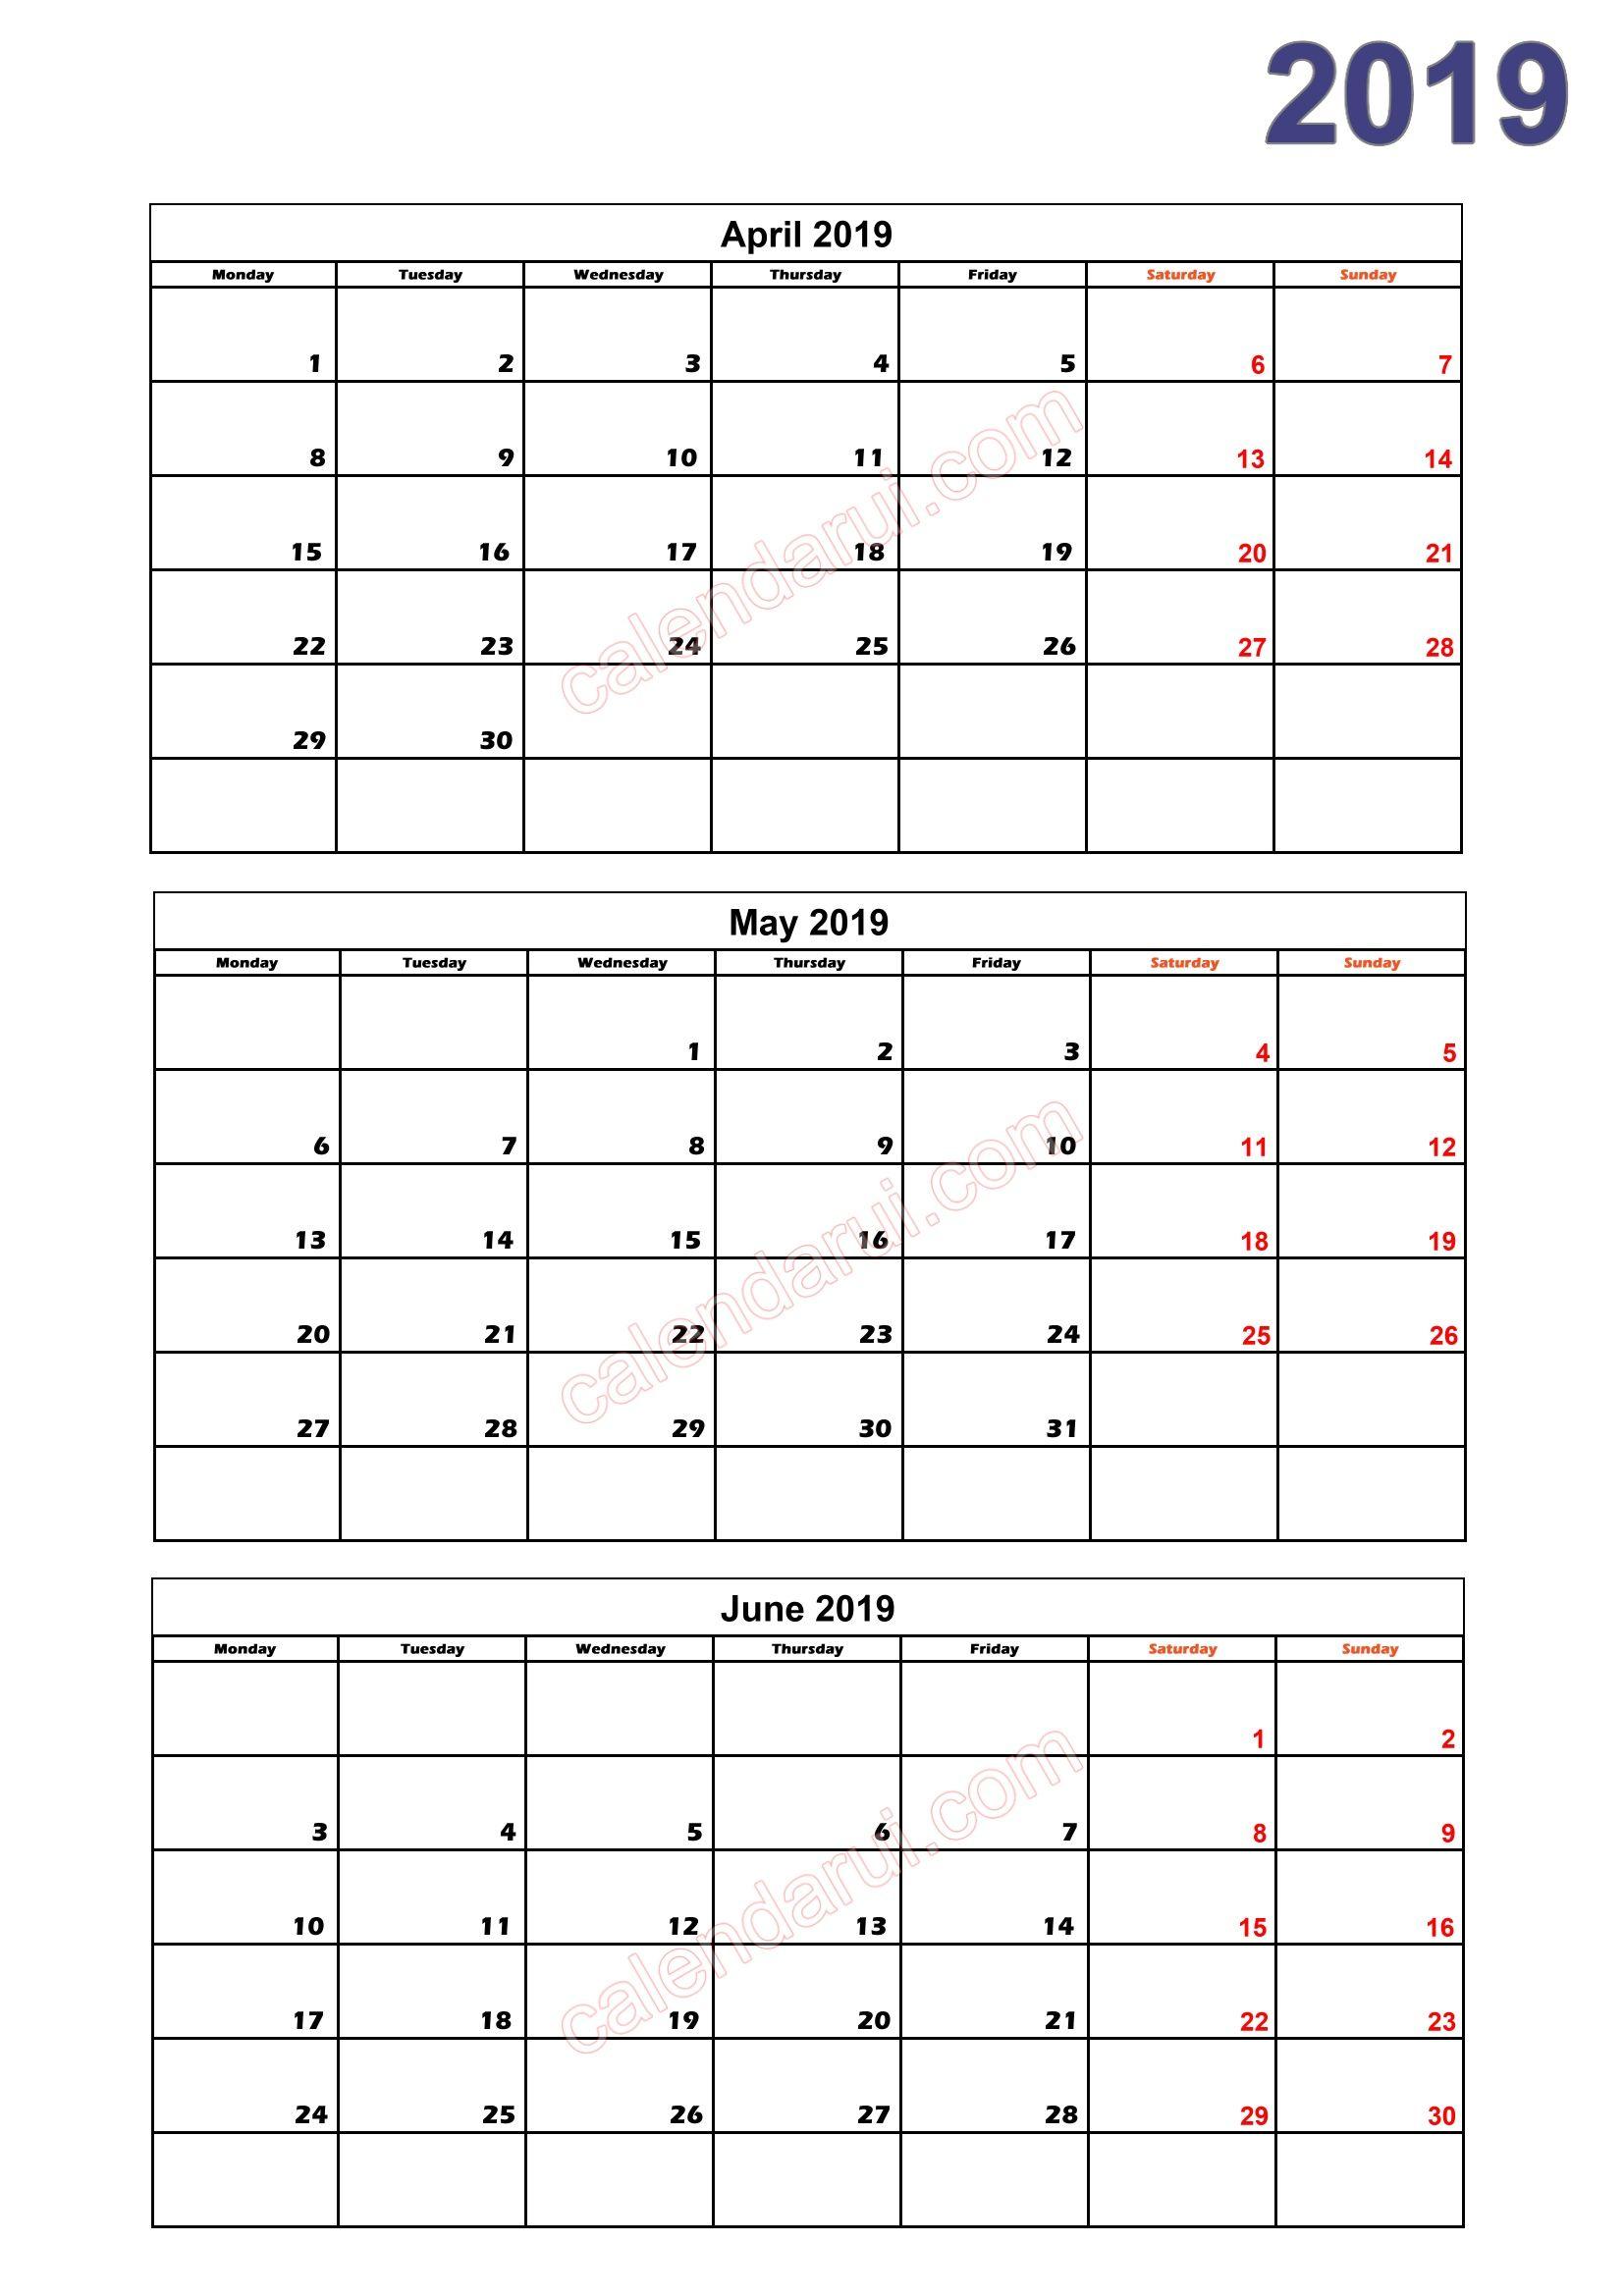 2 Quarter 2 Calendar 2019 Printable Download Free_2